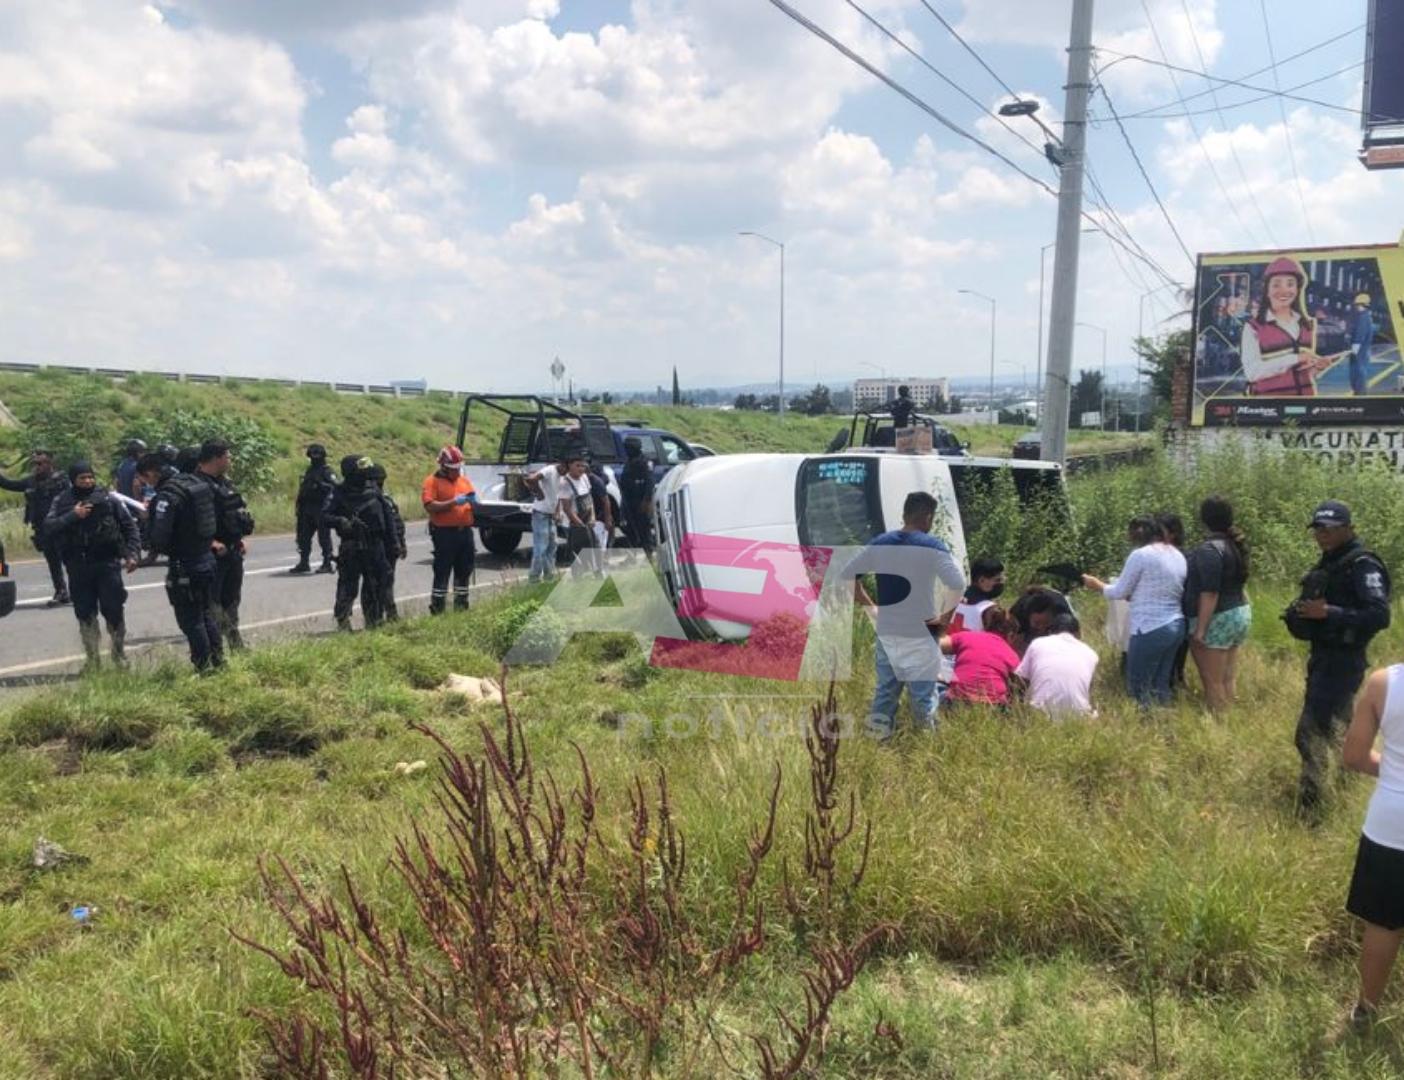 Vuelca camioneta y niño de diez años sale proyectado 1